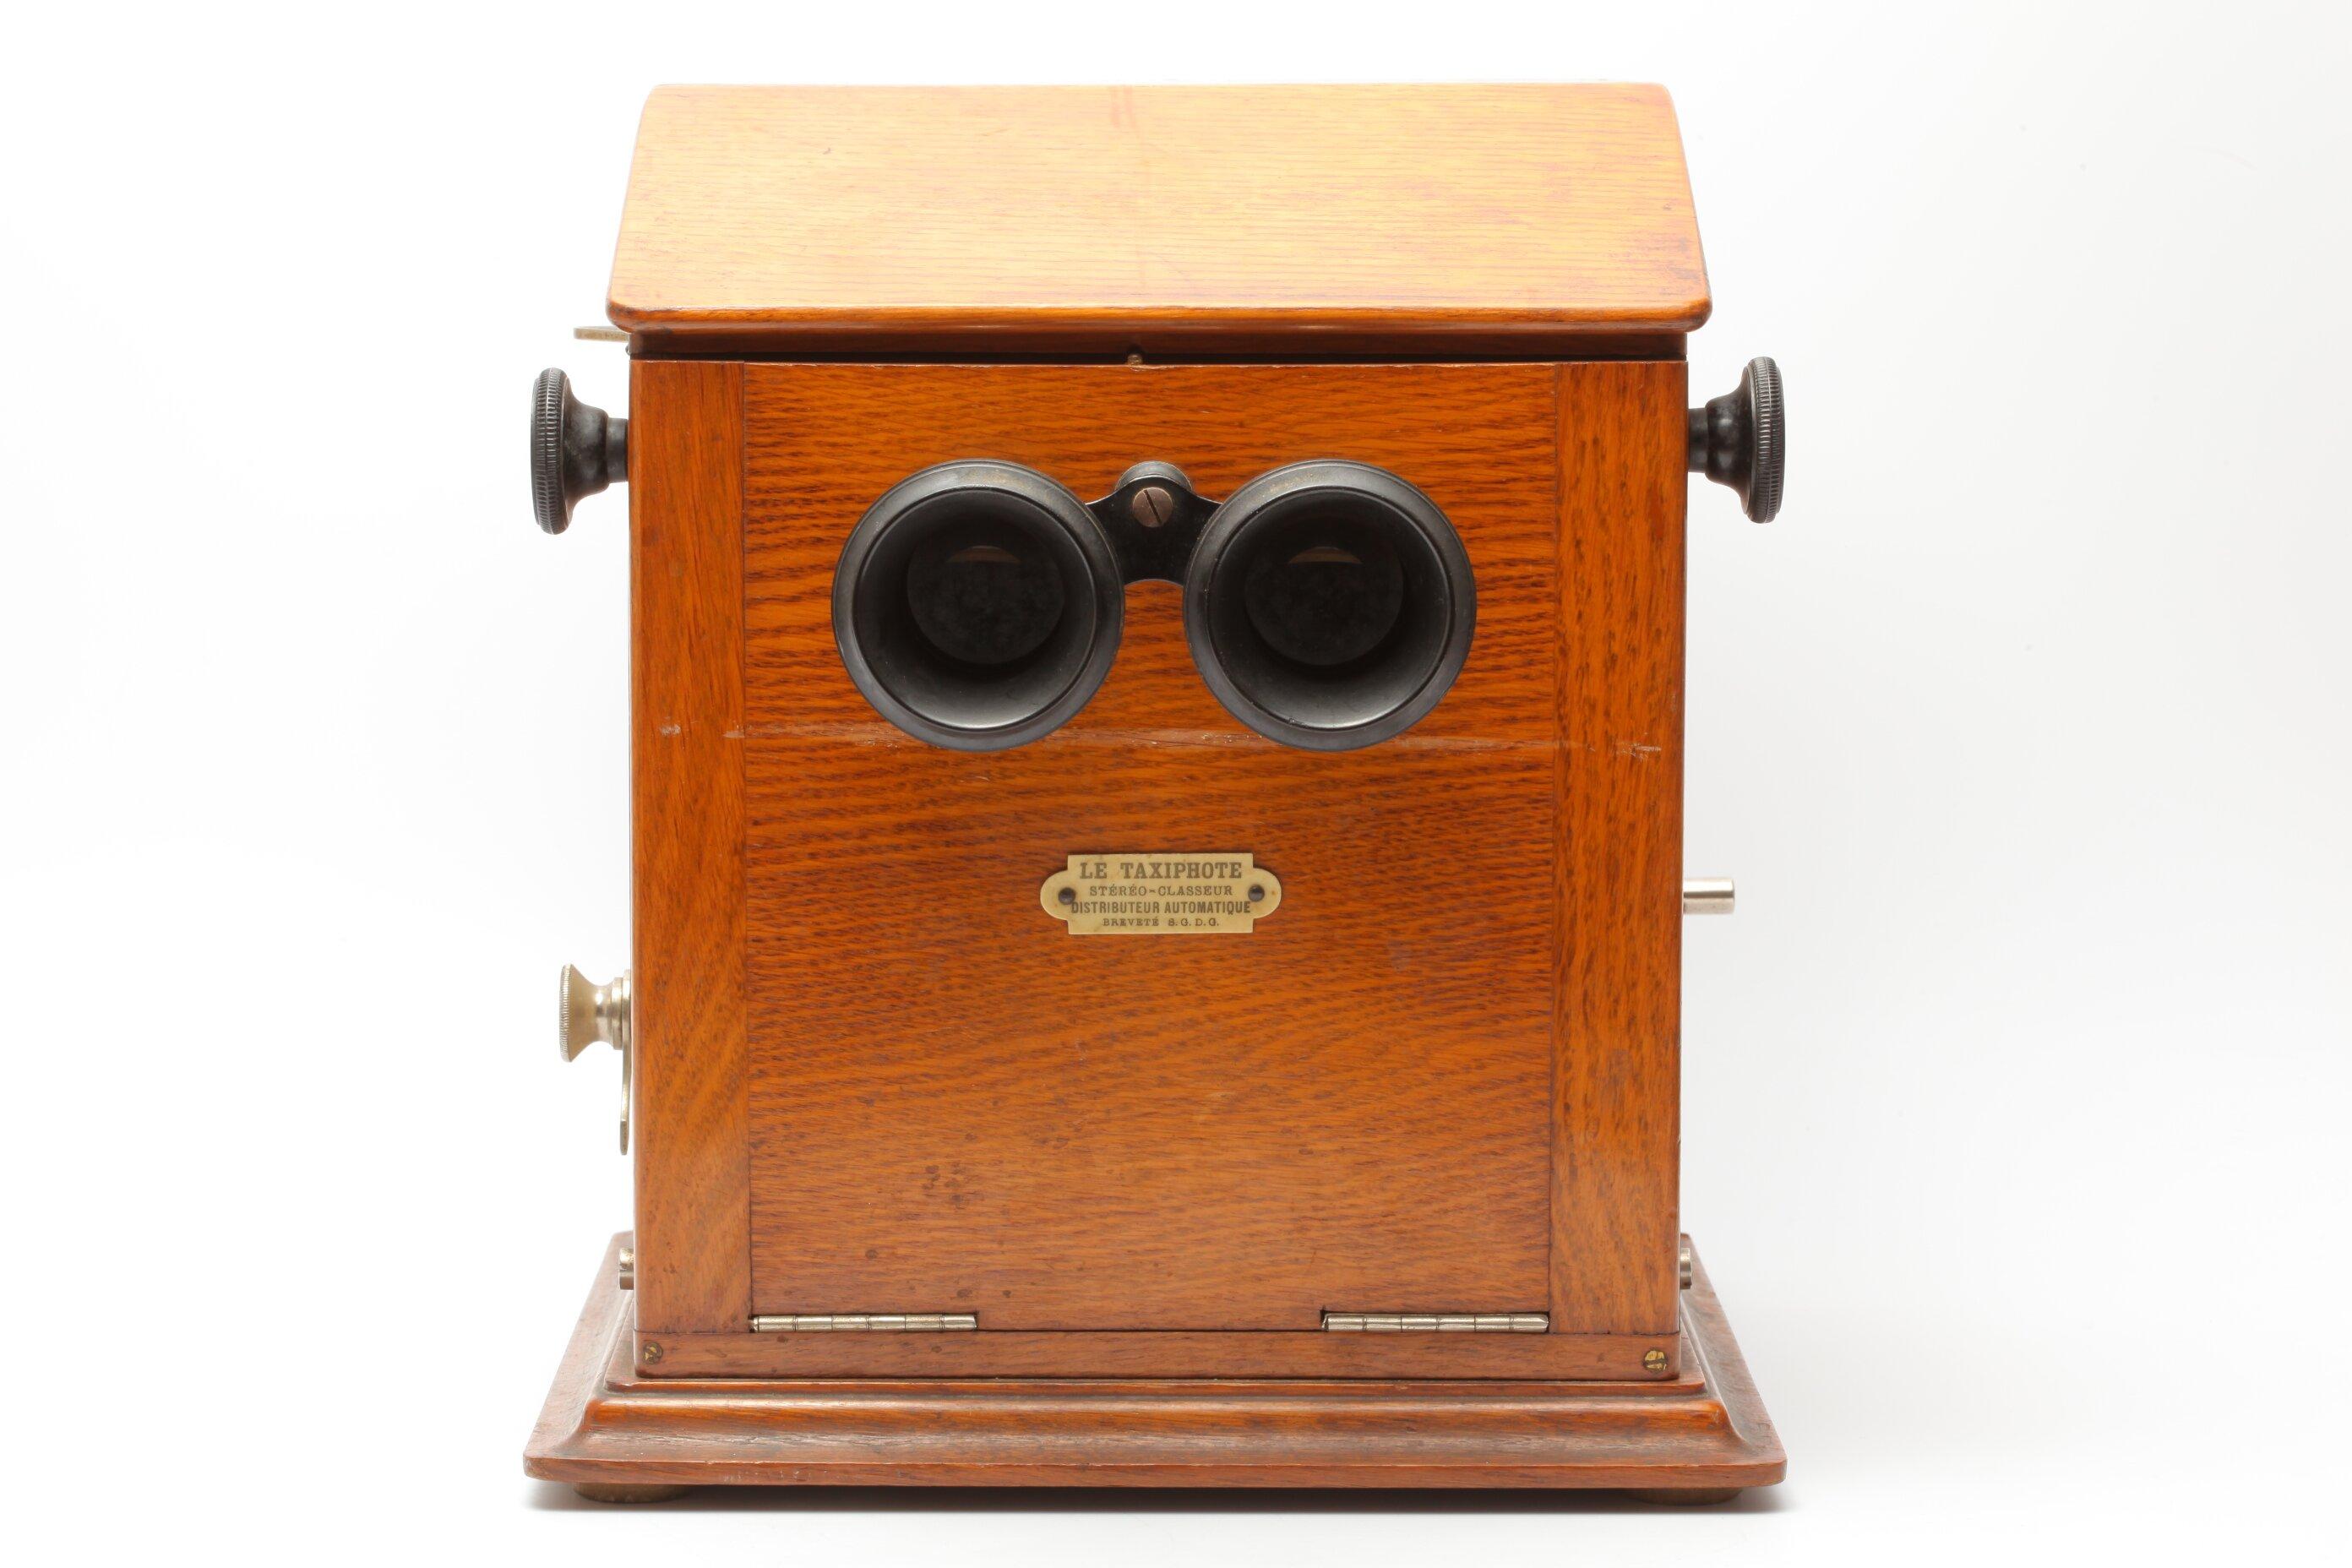 Le Taxiphote Stereo-Betrachter Distributeur Automatique Brevete S.G.D.G.